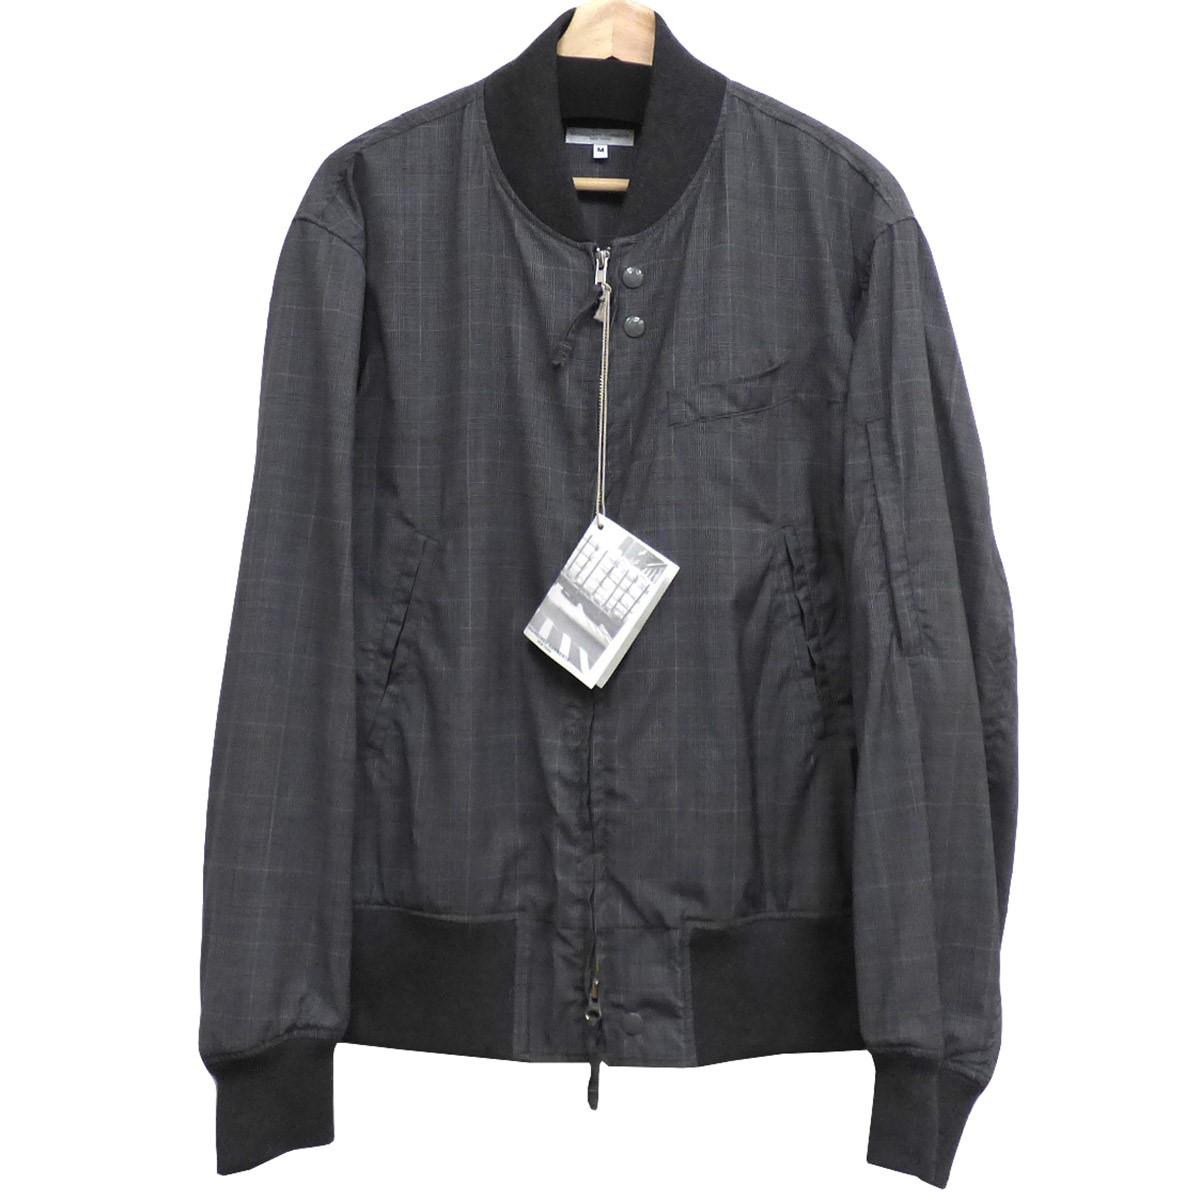 【中古】Engineered Garments 19SS Aviator Jacket-Tropical Wool Glen Plaid ジャケット グレー×ホワイト サイズ:M 【020520】(エンジニアードガーメンツ)